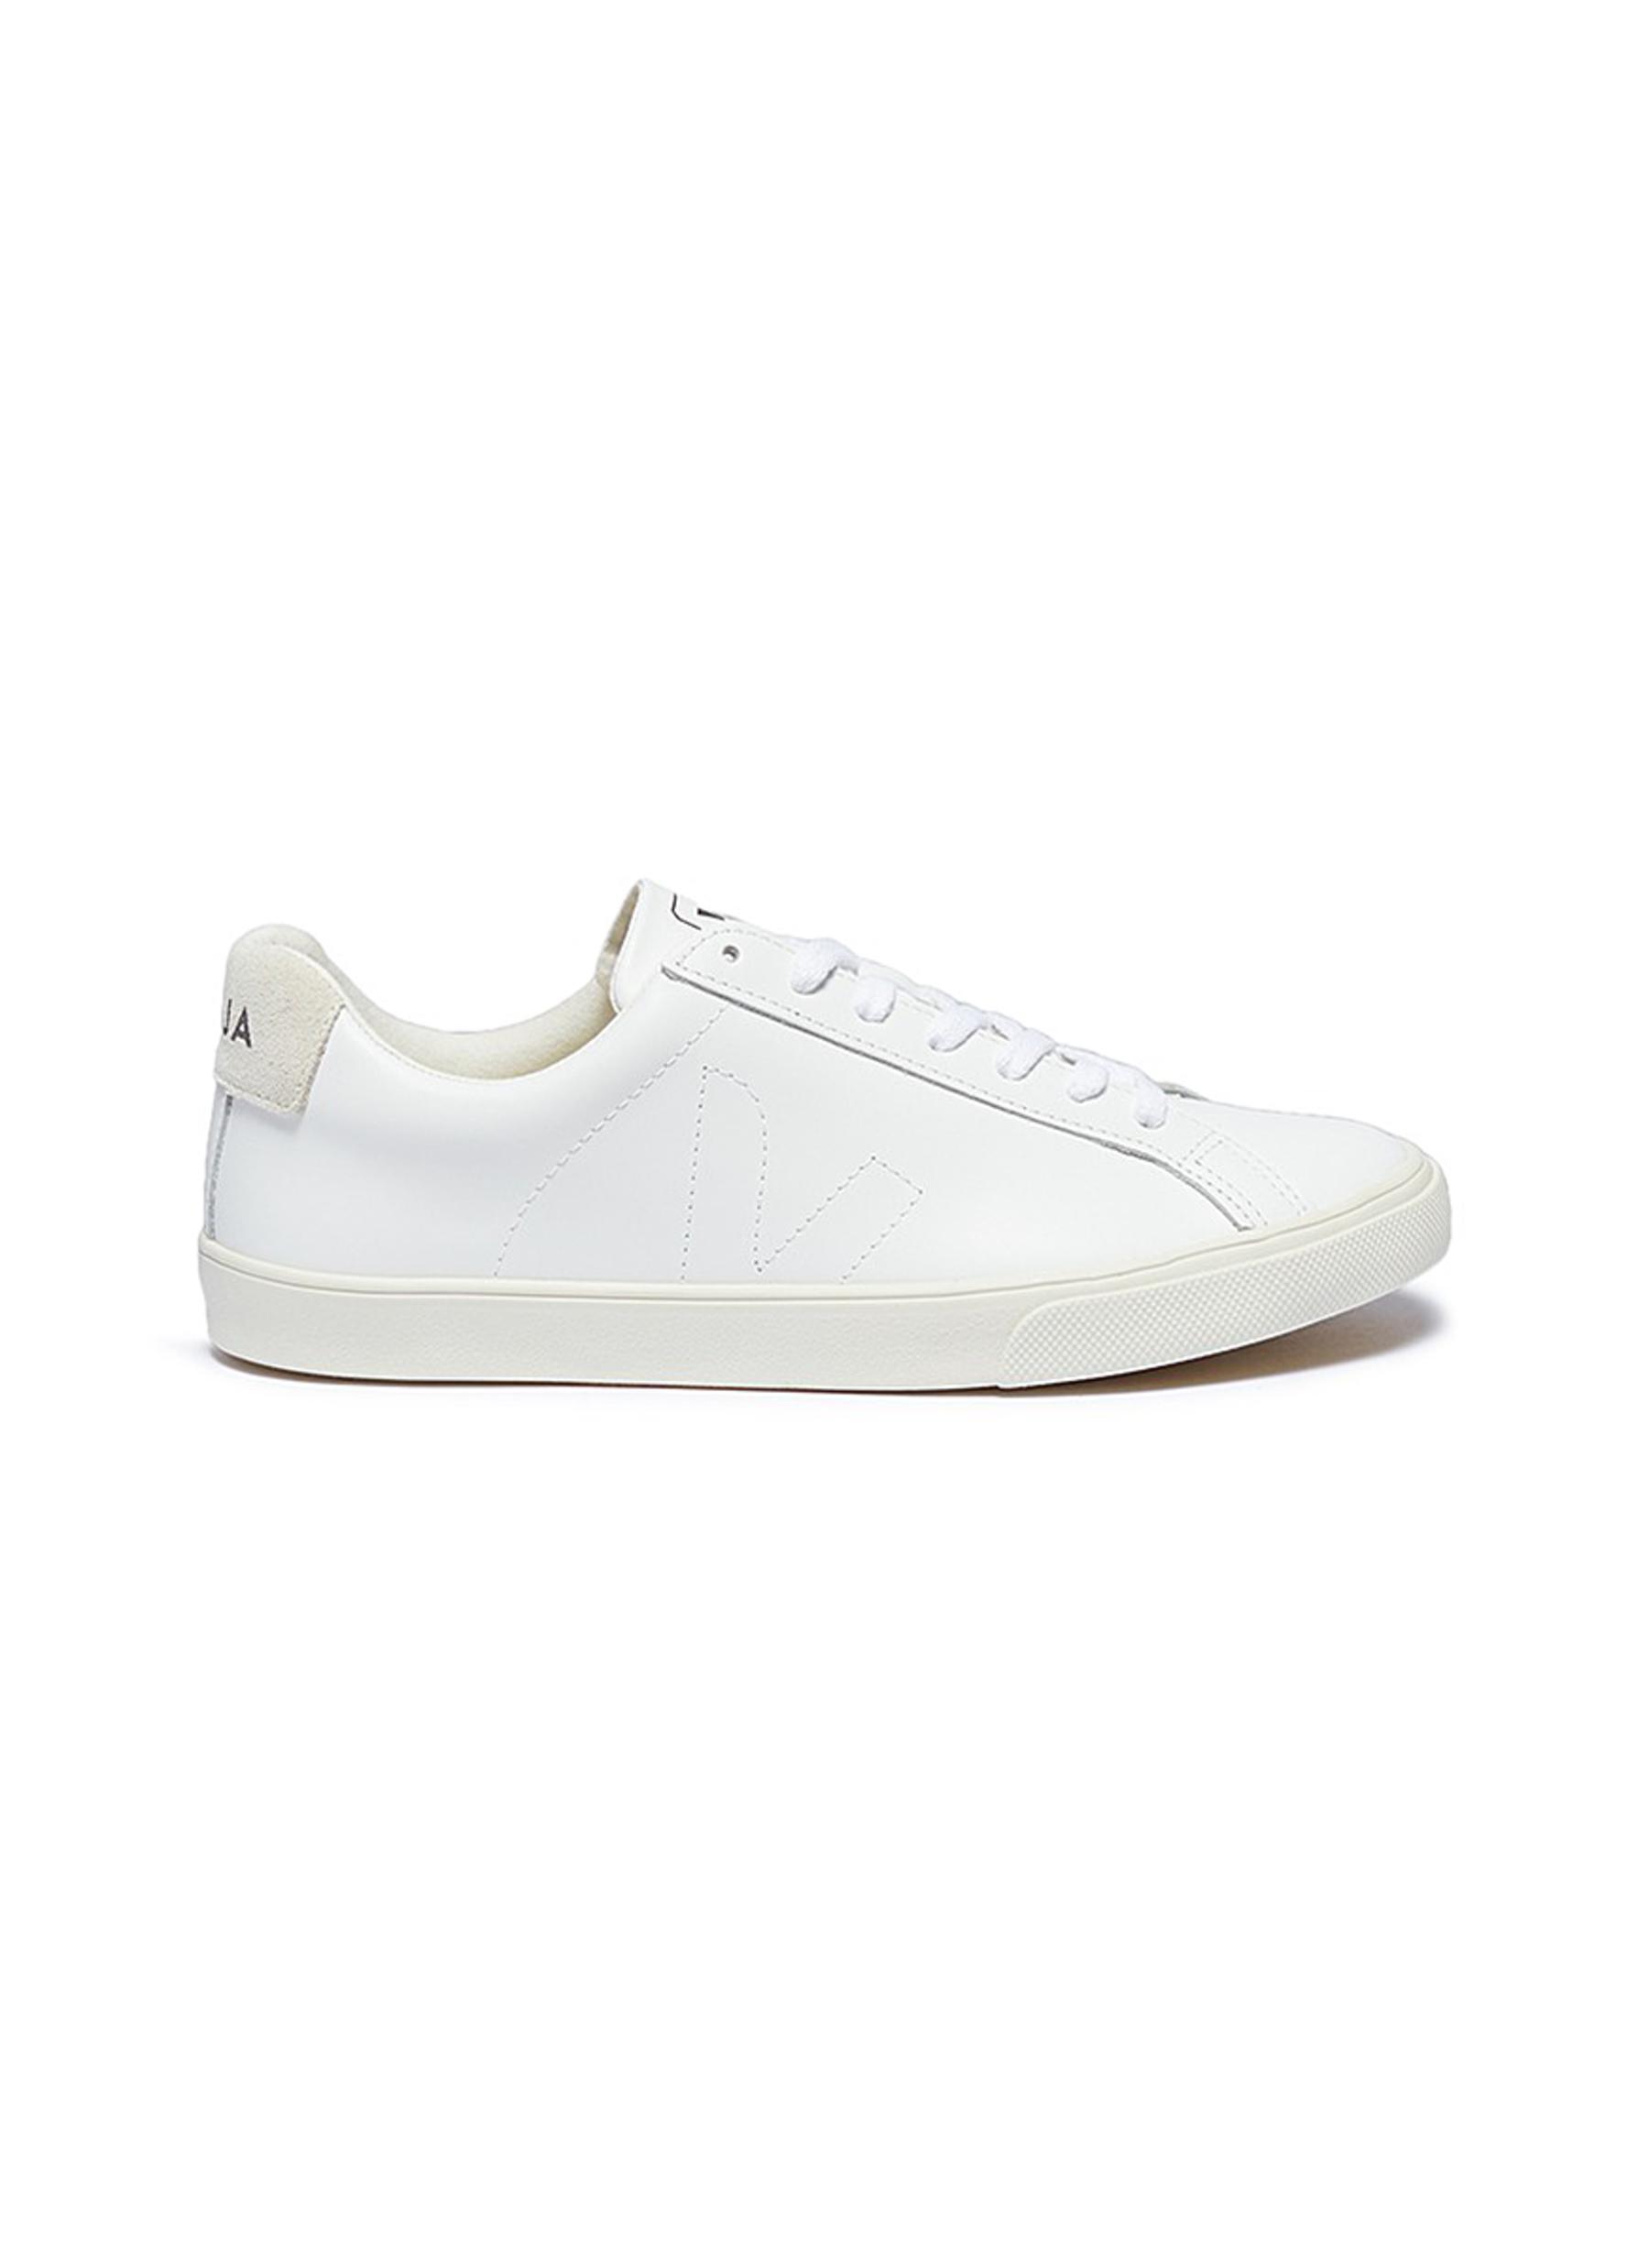 Esplar leather sneakers by Veja